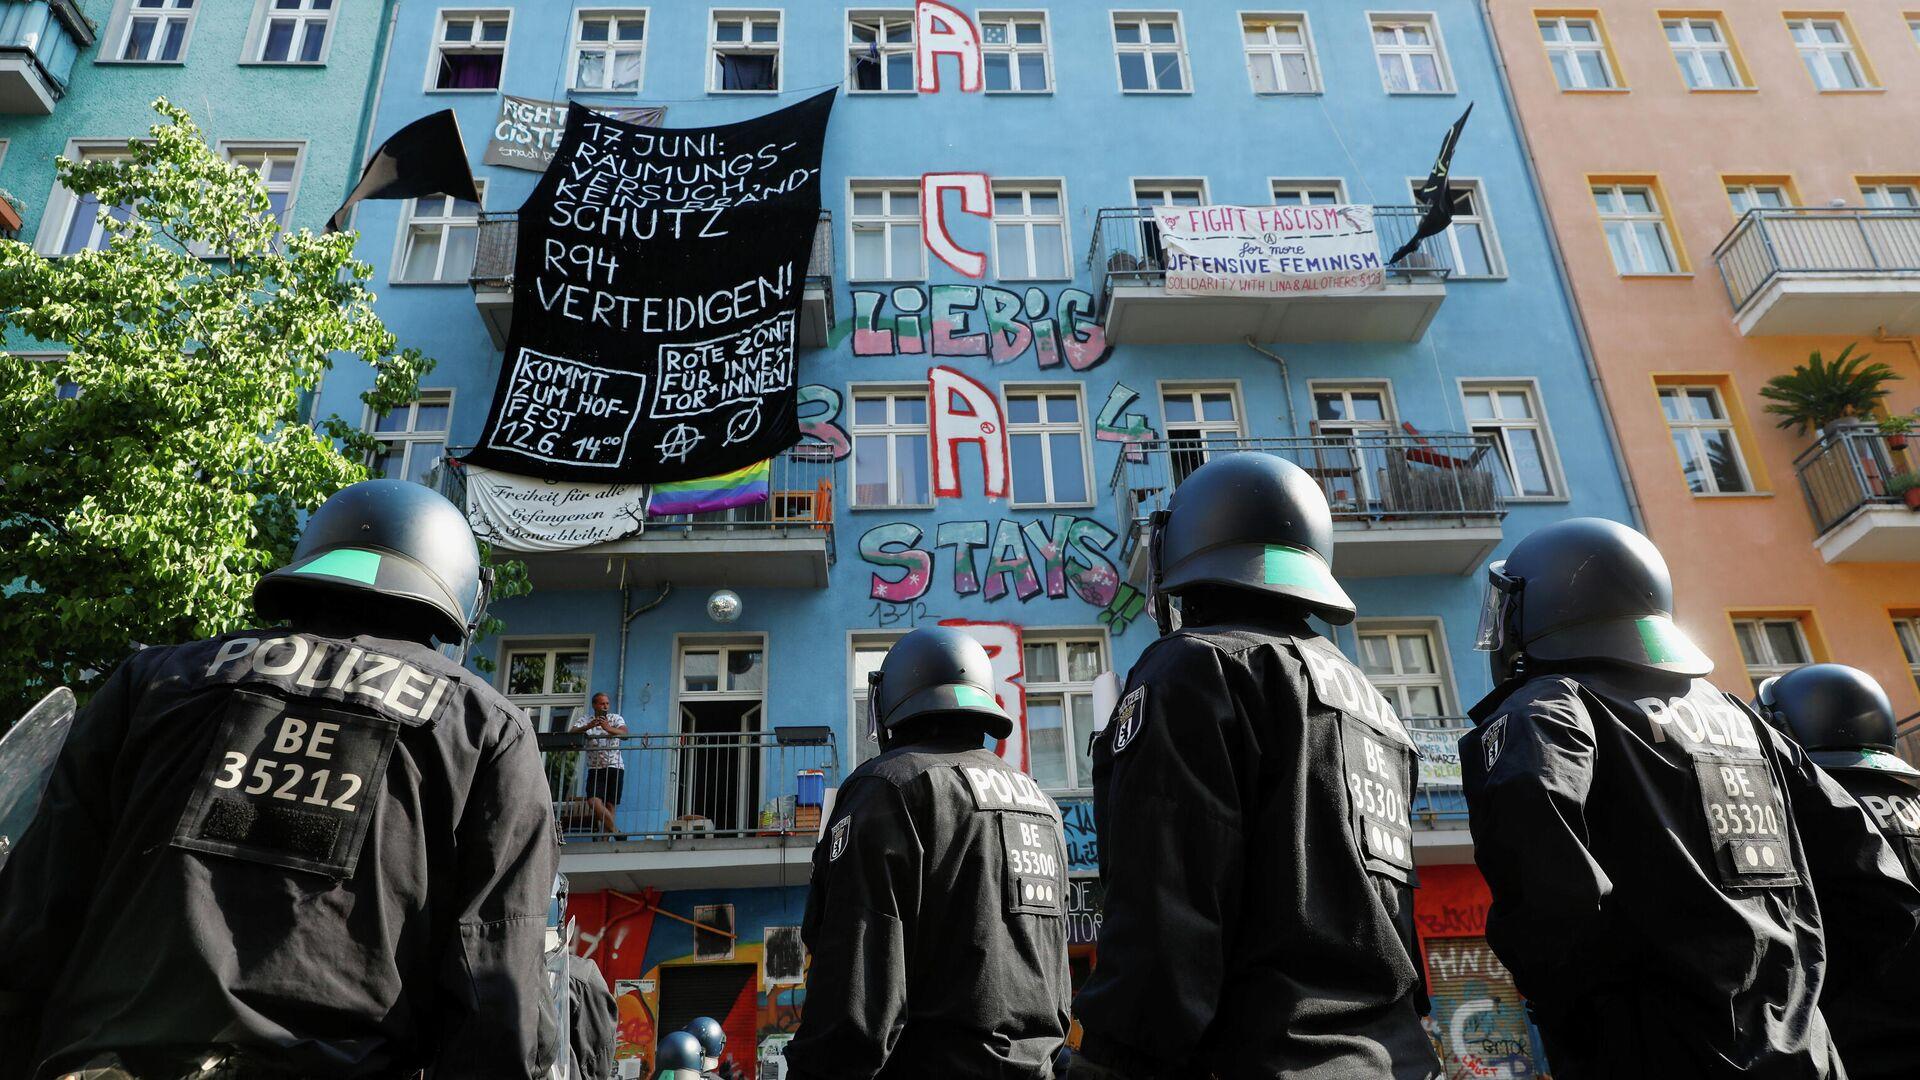 Polizeieinsatz in Rigaer-Straße am 17. Juni 2021, Berlin, Deutschland - SNA, 1920, 10.07.2021